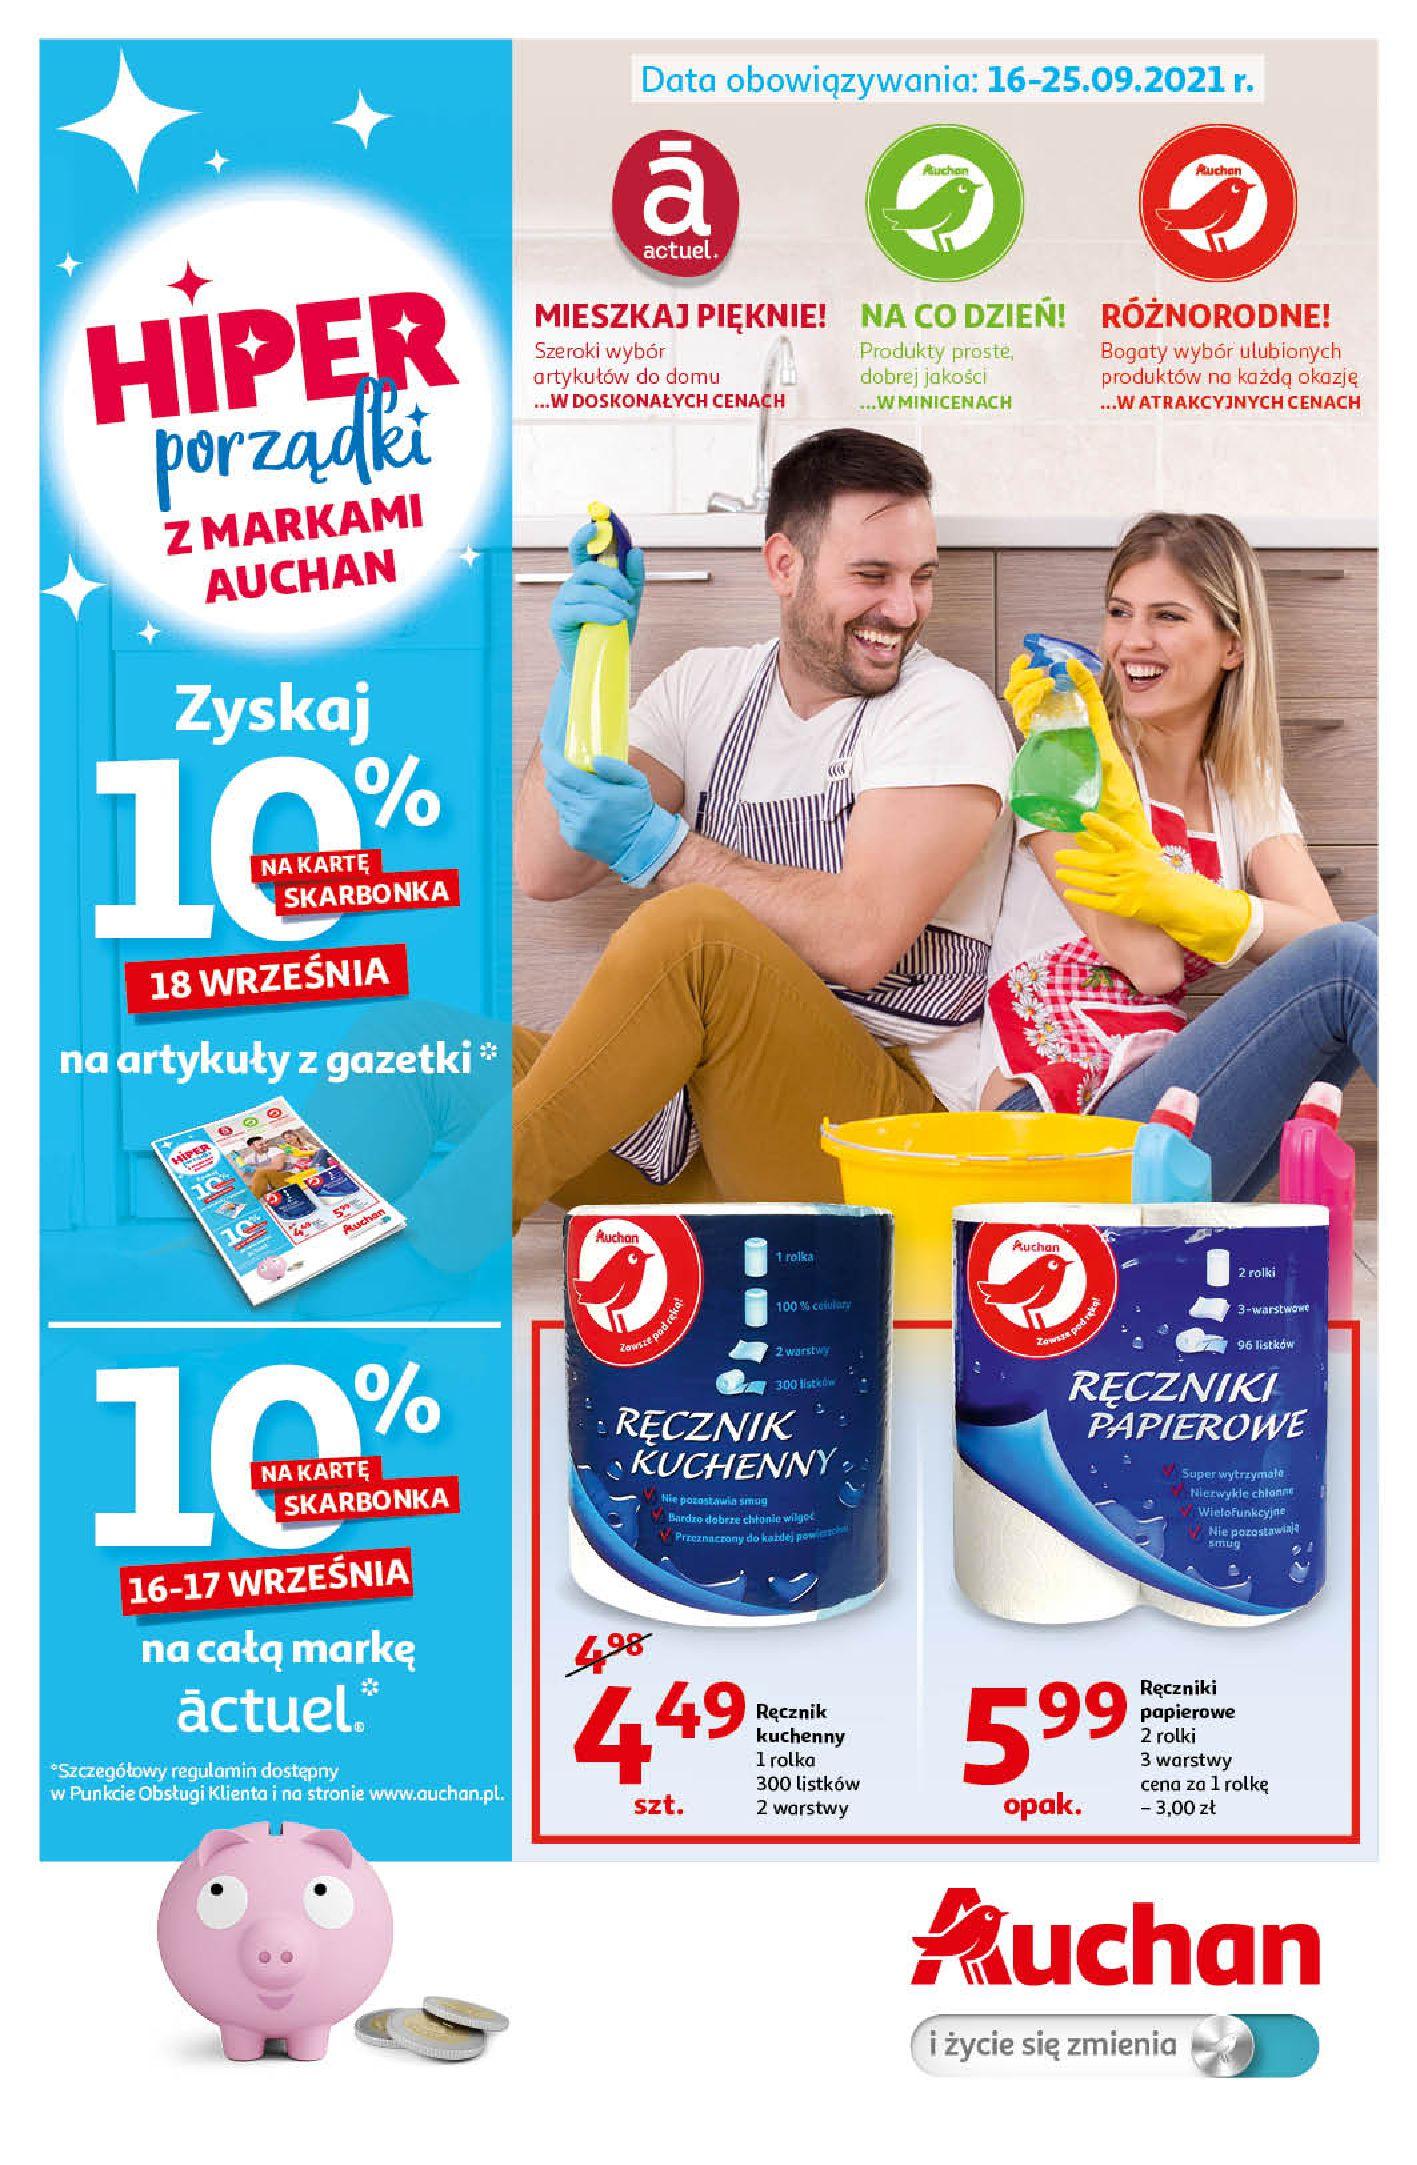 Gazetka Auchan: Gazetka Auchan - Porządki Hipermarkety 2021-09-16 page-1